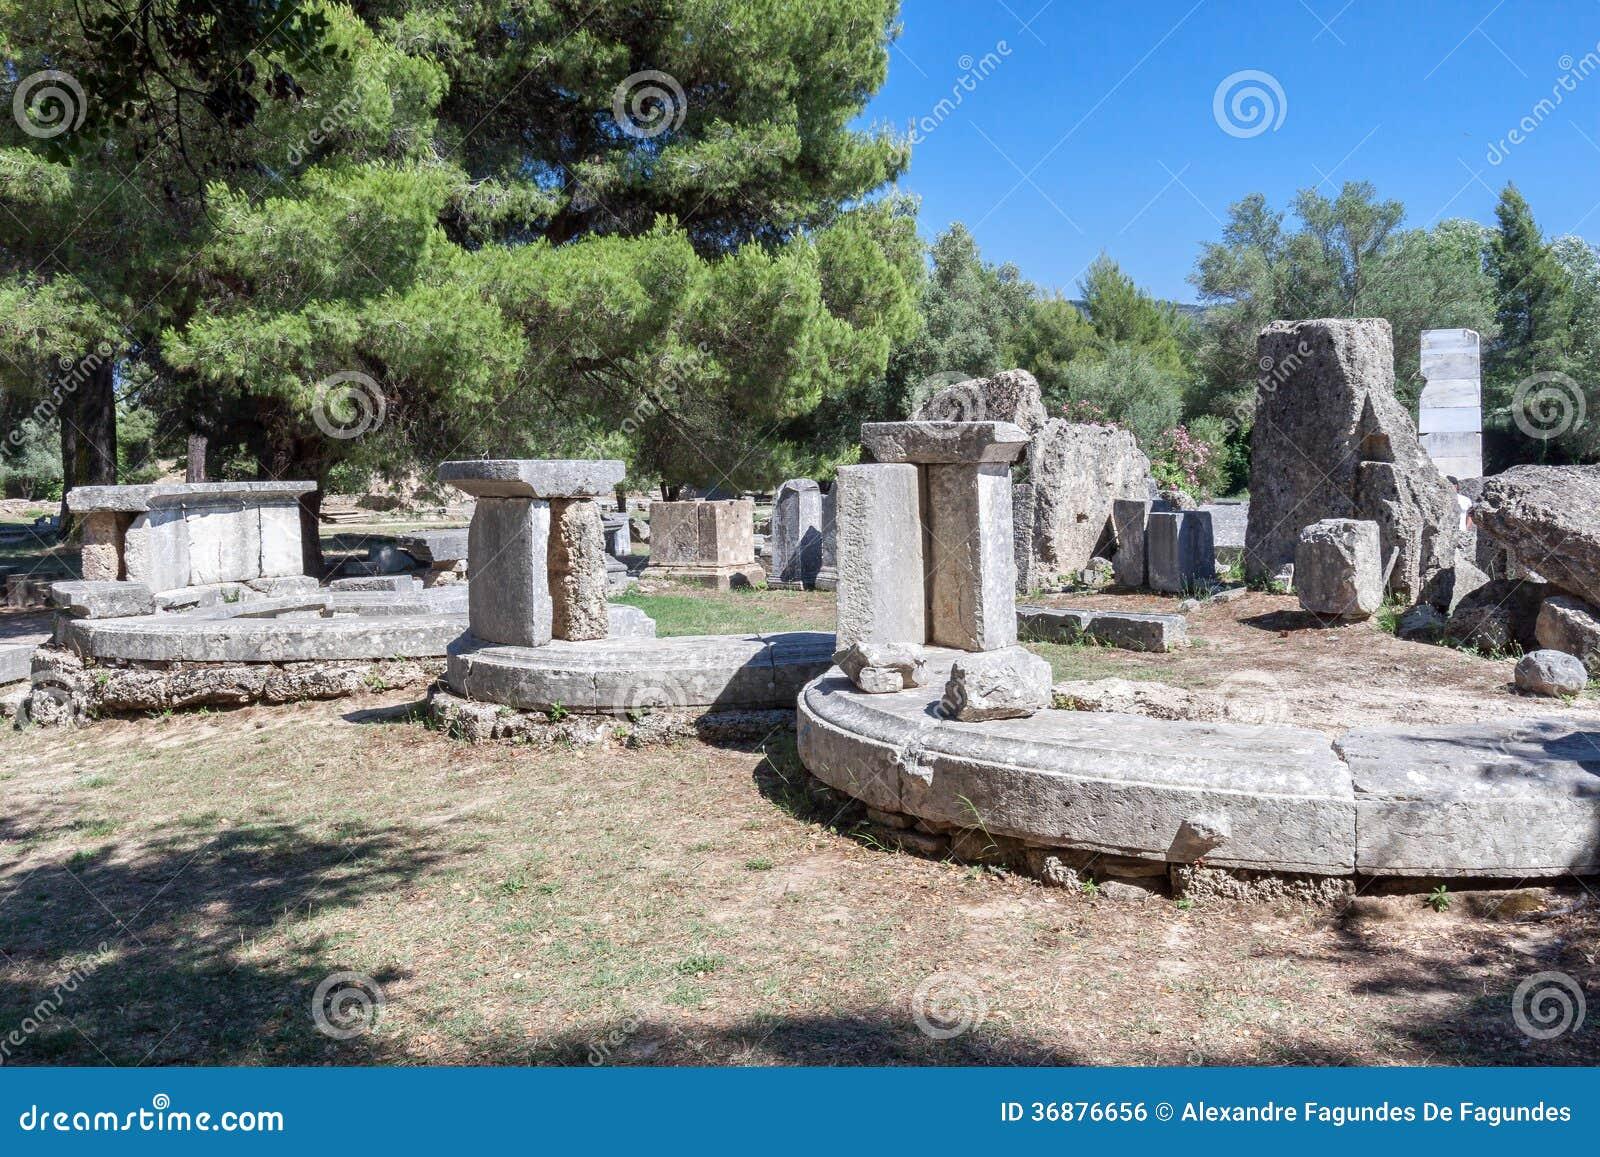 Download Olympia Greece fotografia stock. Immagine di alberi, europa - 36876656